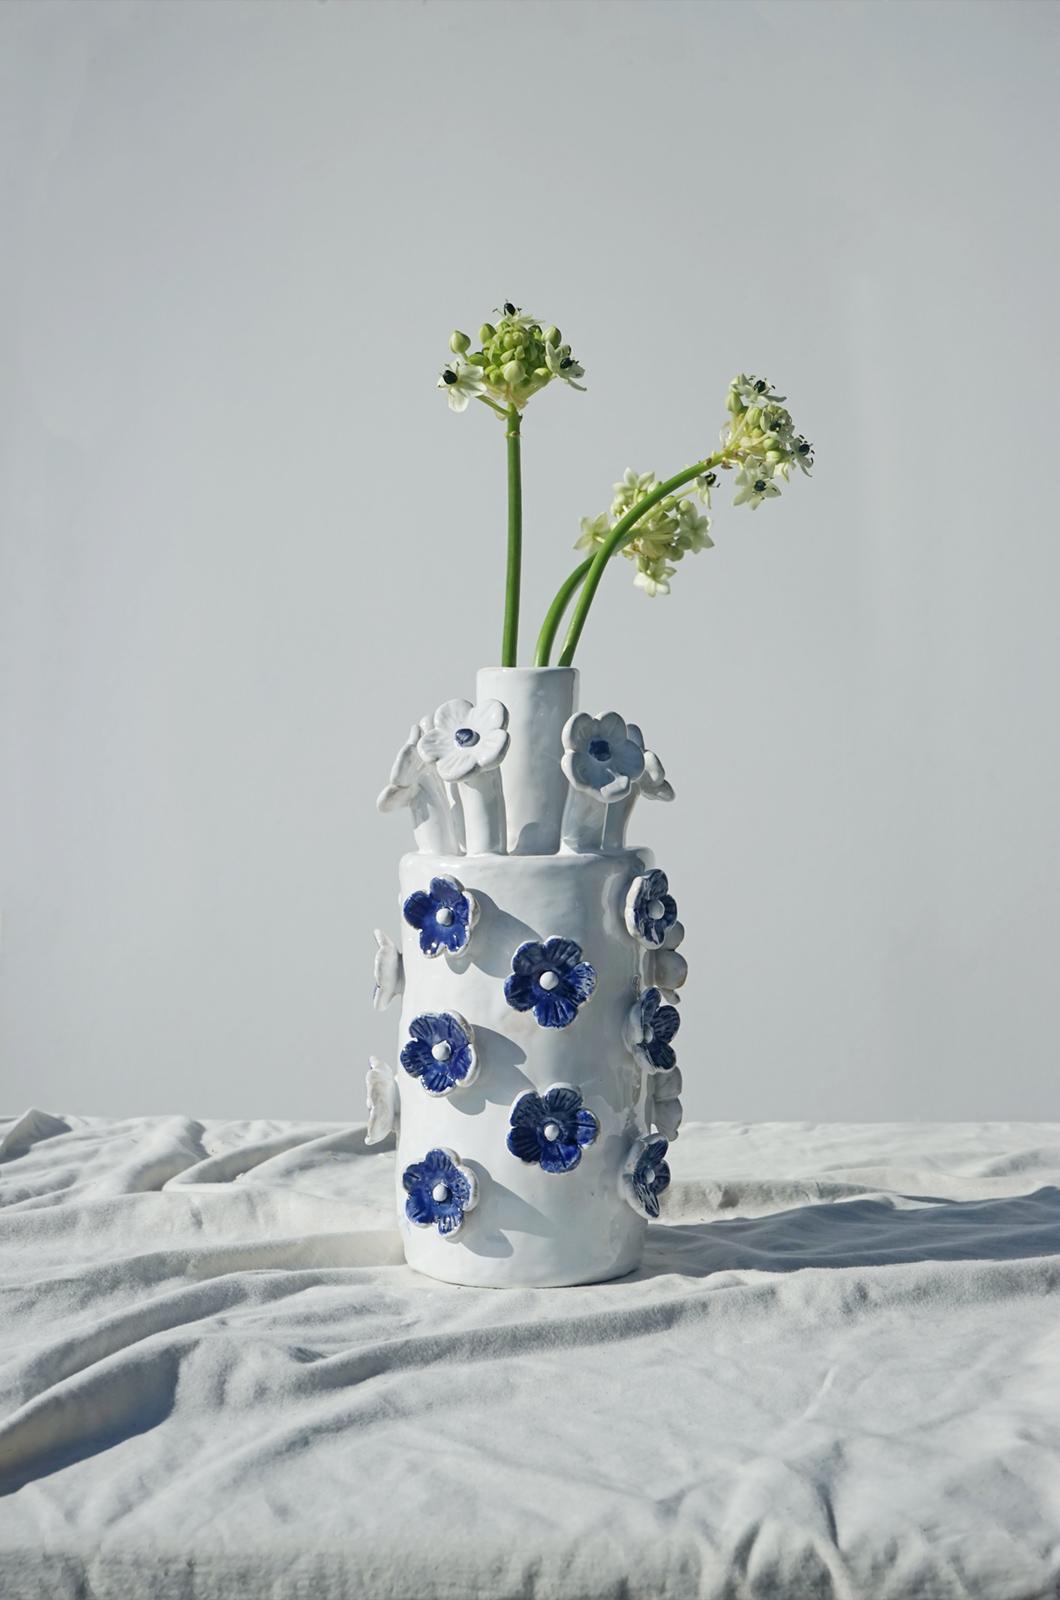 alagonda-hoge-vaasje-bloemen-blauwe-wit2